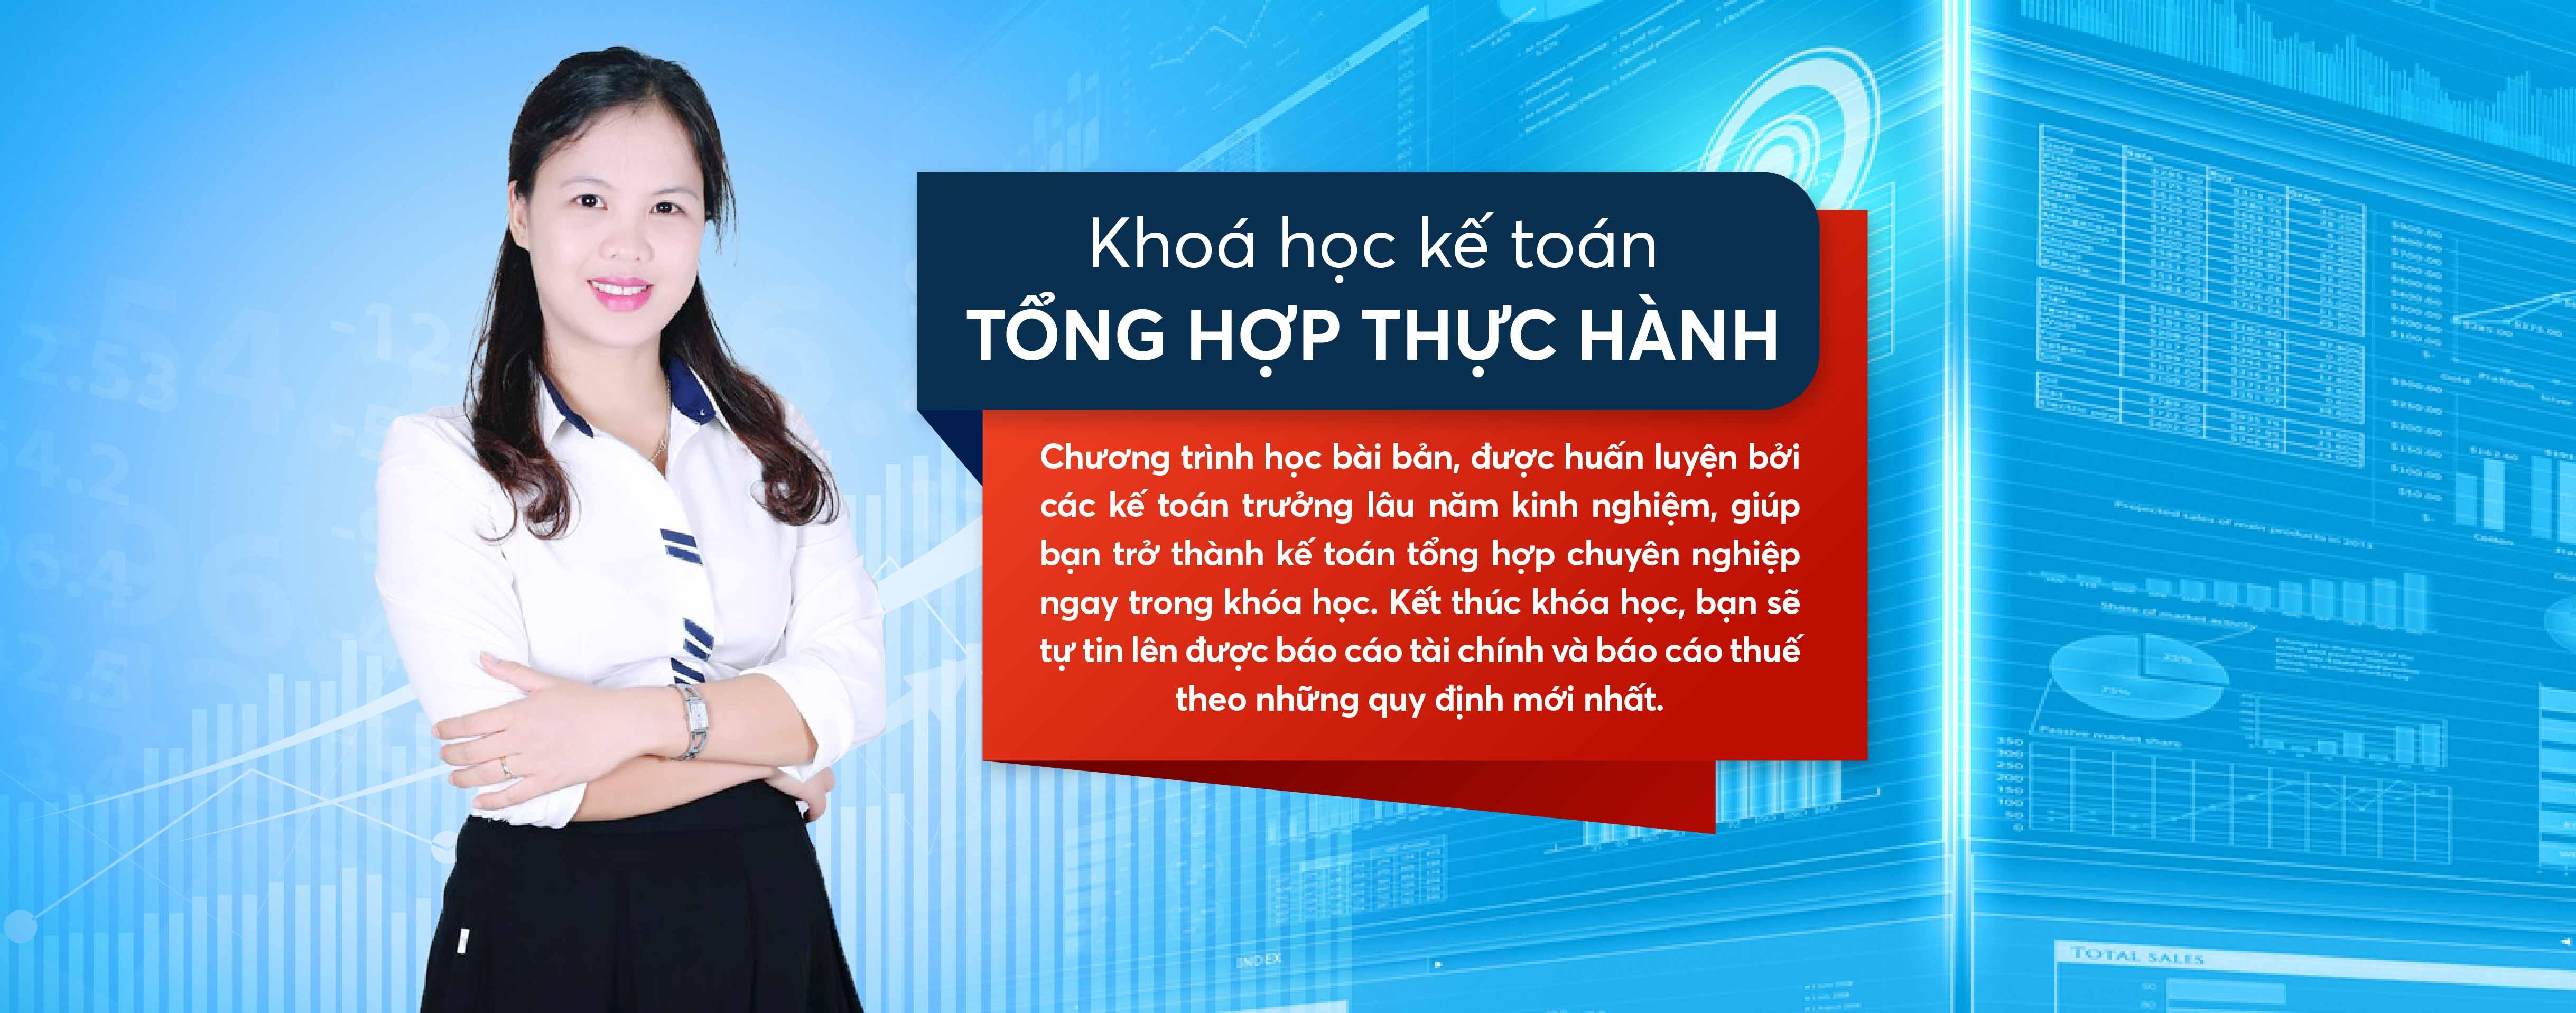 khoa-hoc-ke-toan-tong-hop